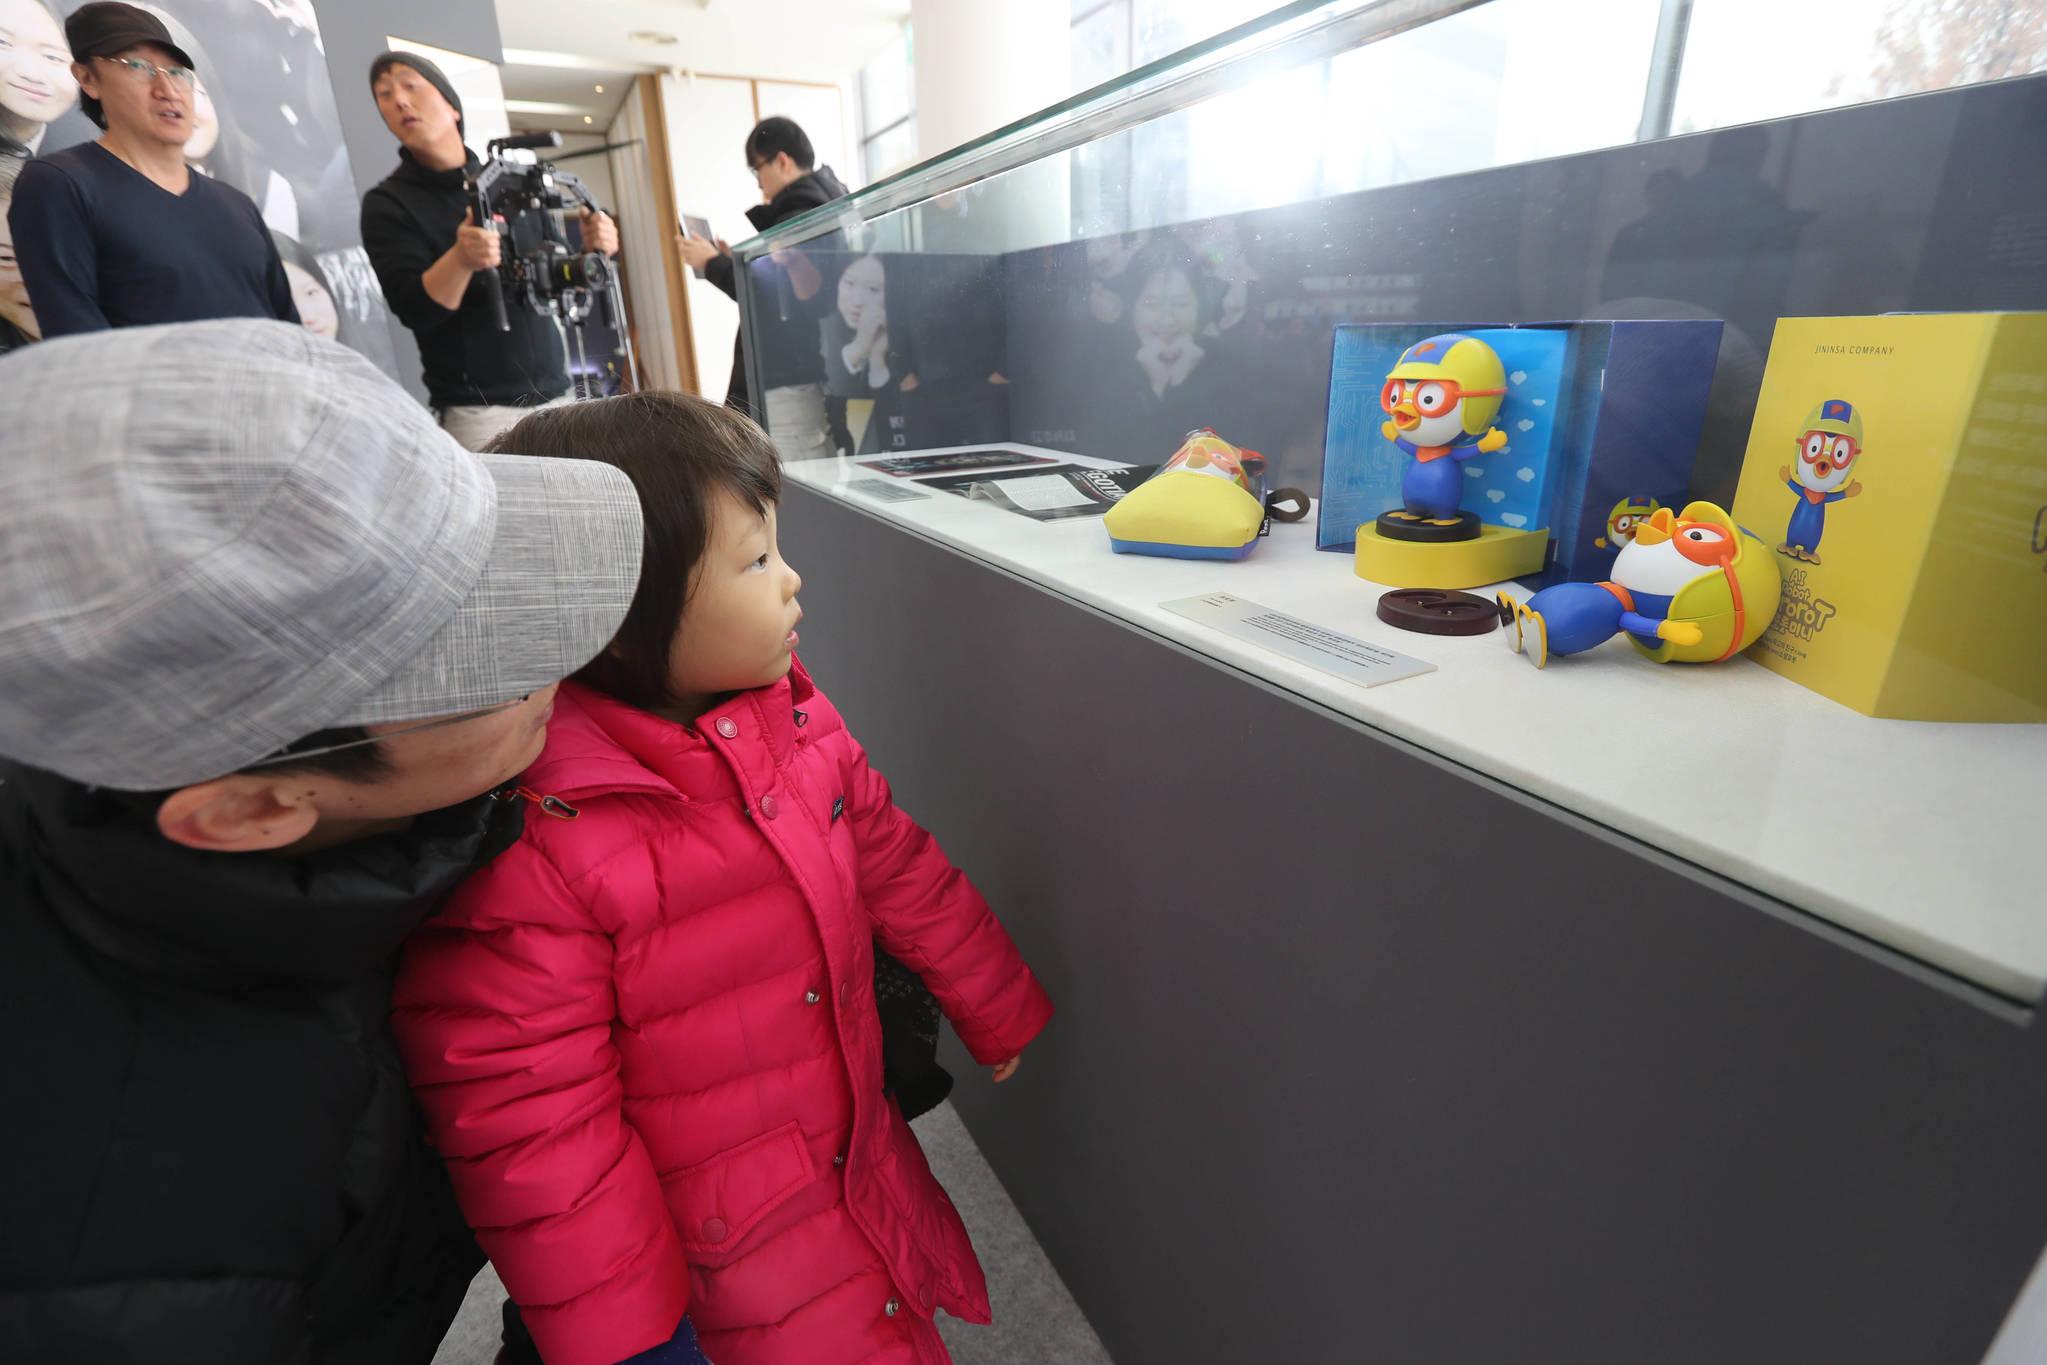 전시장을 찾은 아버지와 딸이 전시된 '뽀로봇'을 보고 있다. 신인섭 기자